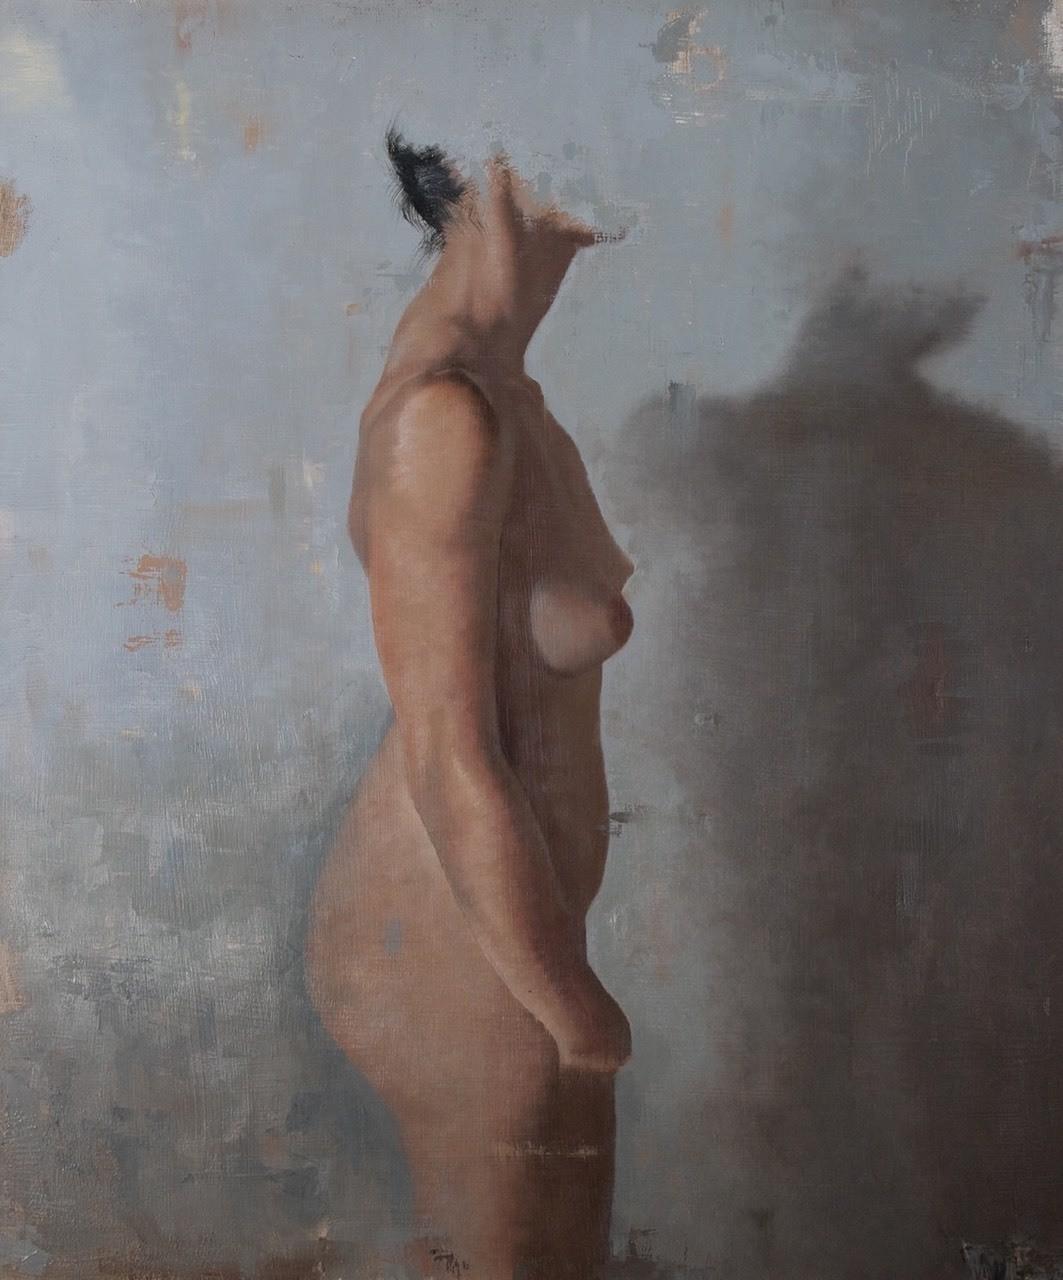 Artist: Matthew Saba Web: matthew-saba.com